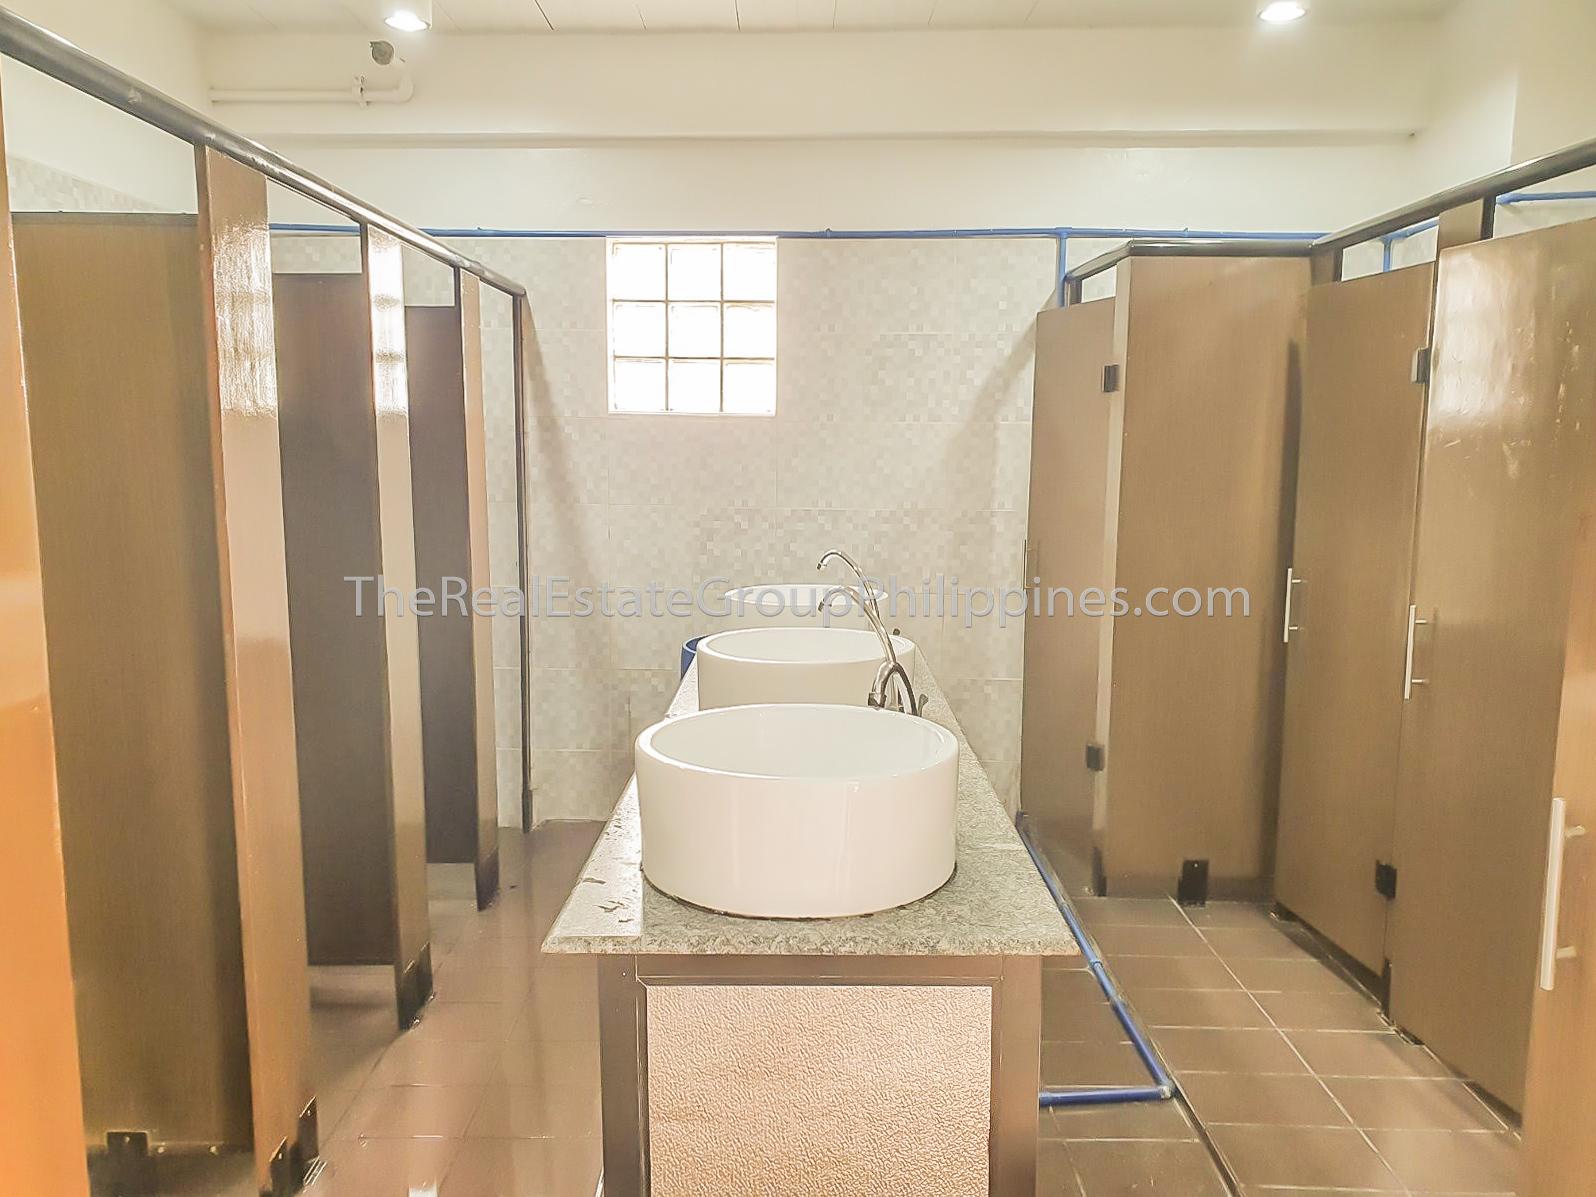 100 Pax Staffhouse Condo For Rent, Praise Condominiumm, Brgy. Pio Del Pilar, Makati City-2